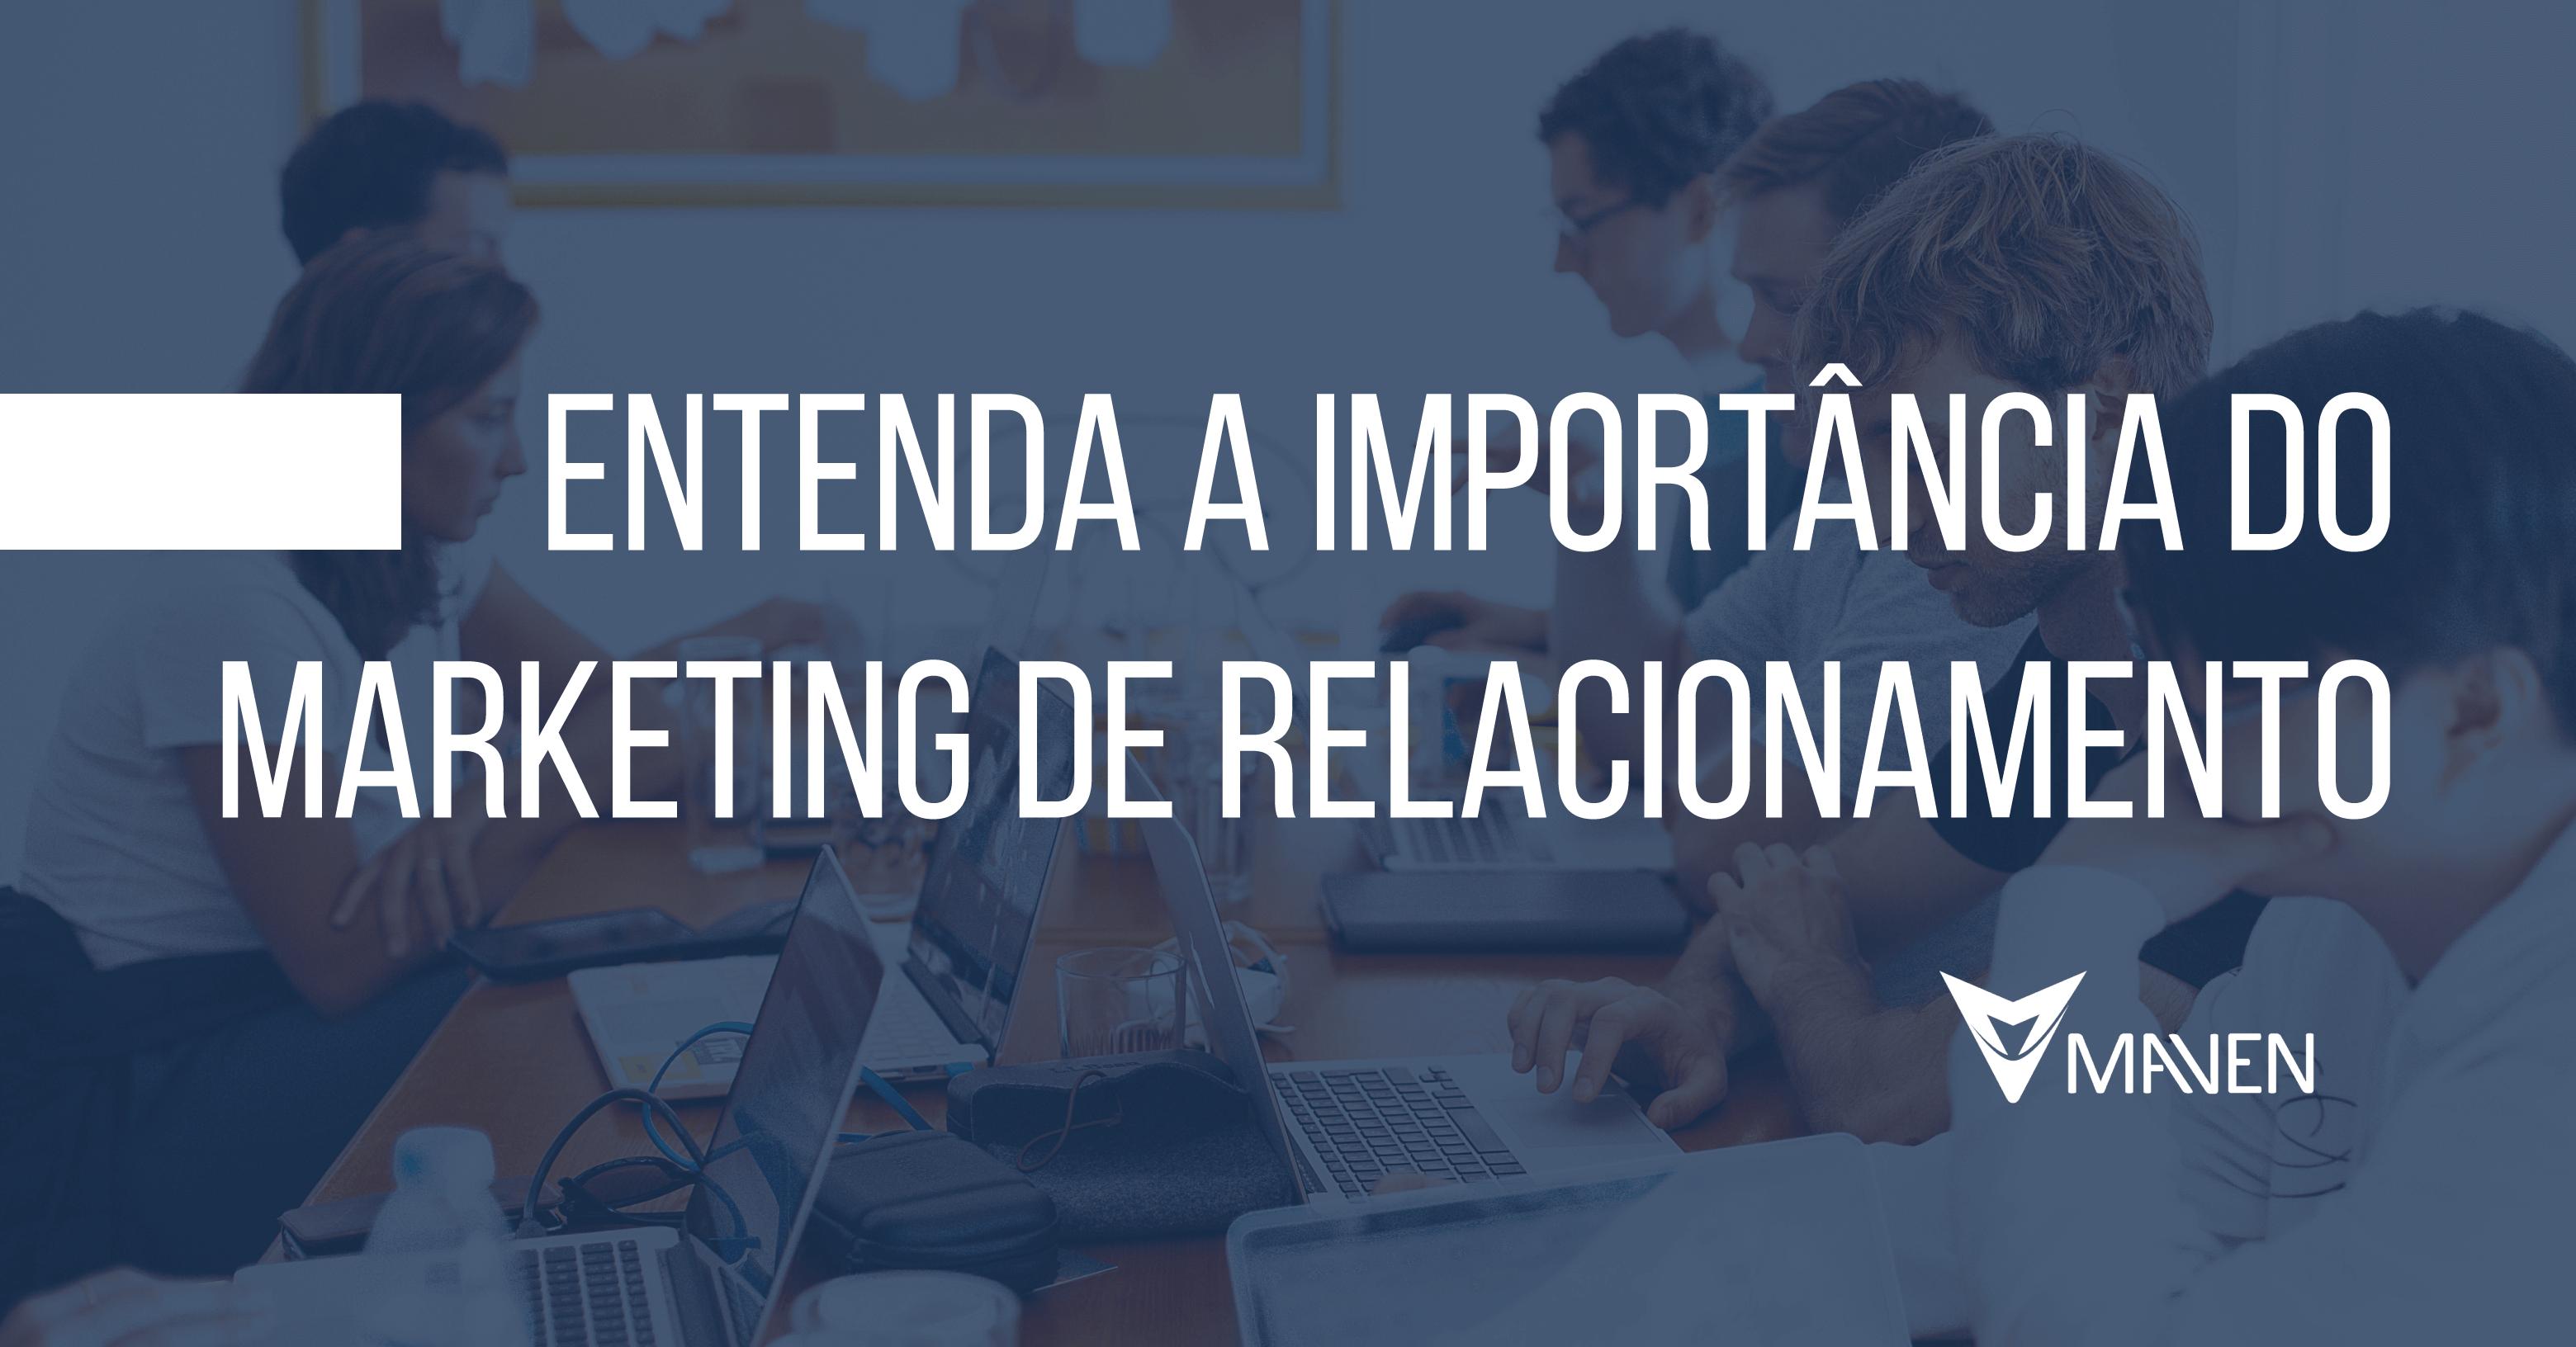 Marketing de relacionamento; Entenda como ele é importante para qualquer negócio